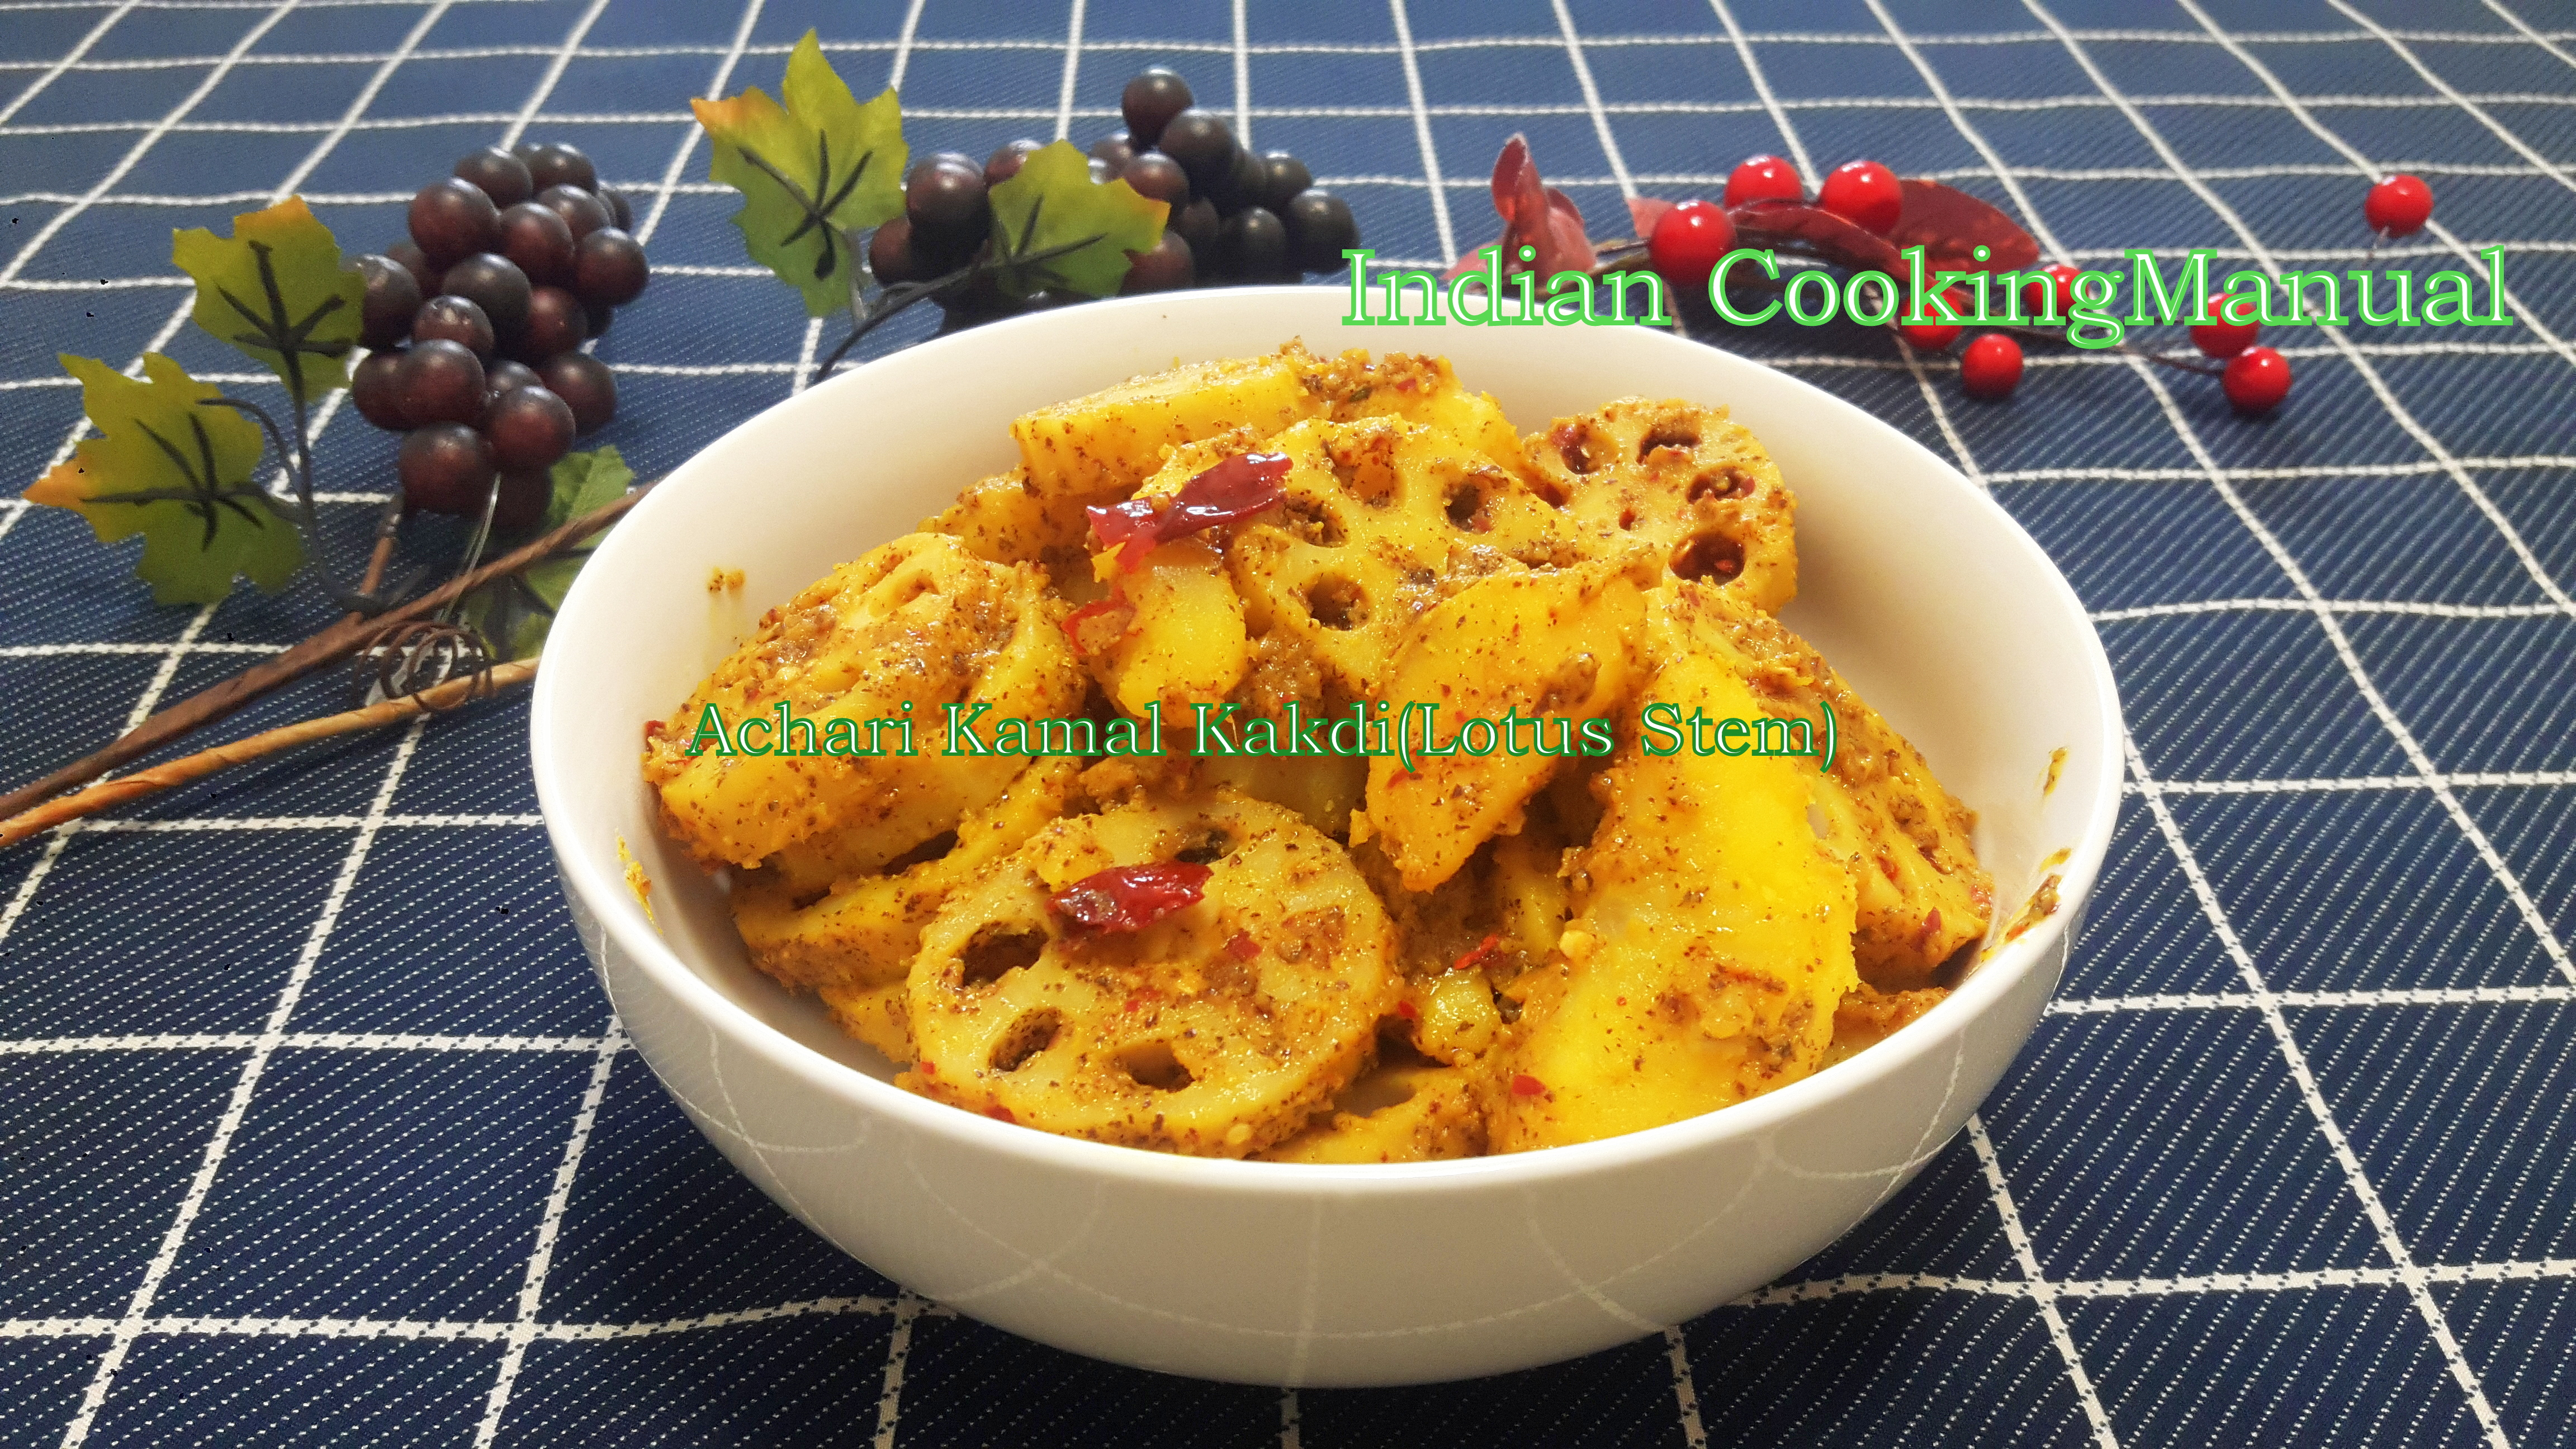 Achari Kamal kakdi/kakari (lotus stem)